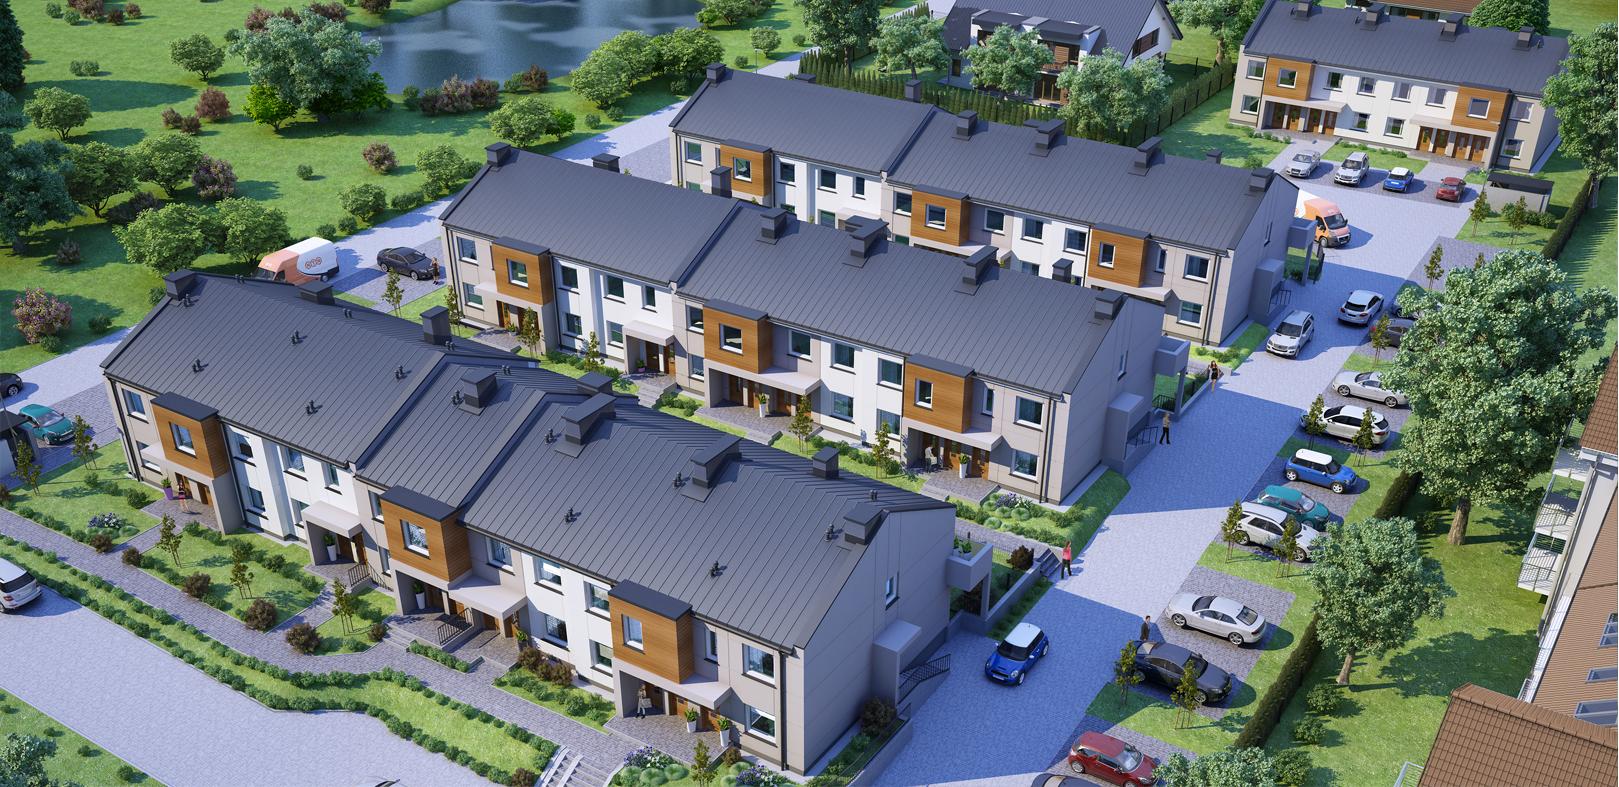 #Kowalove - osiedle domków jednorodzinnych - Kowalowo